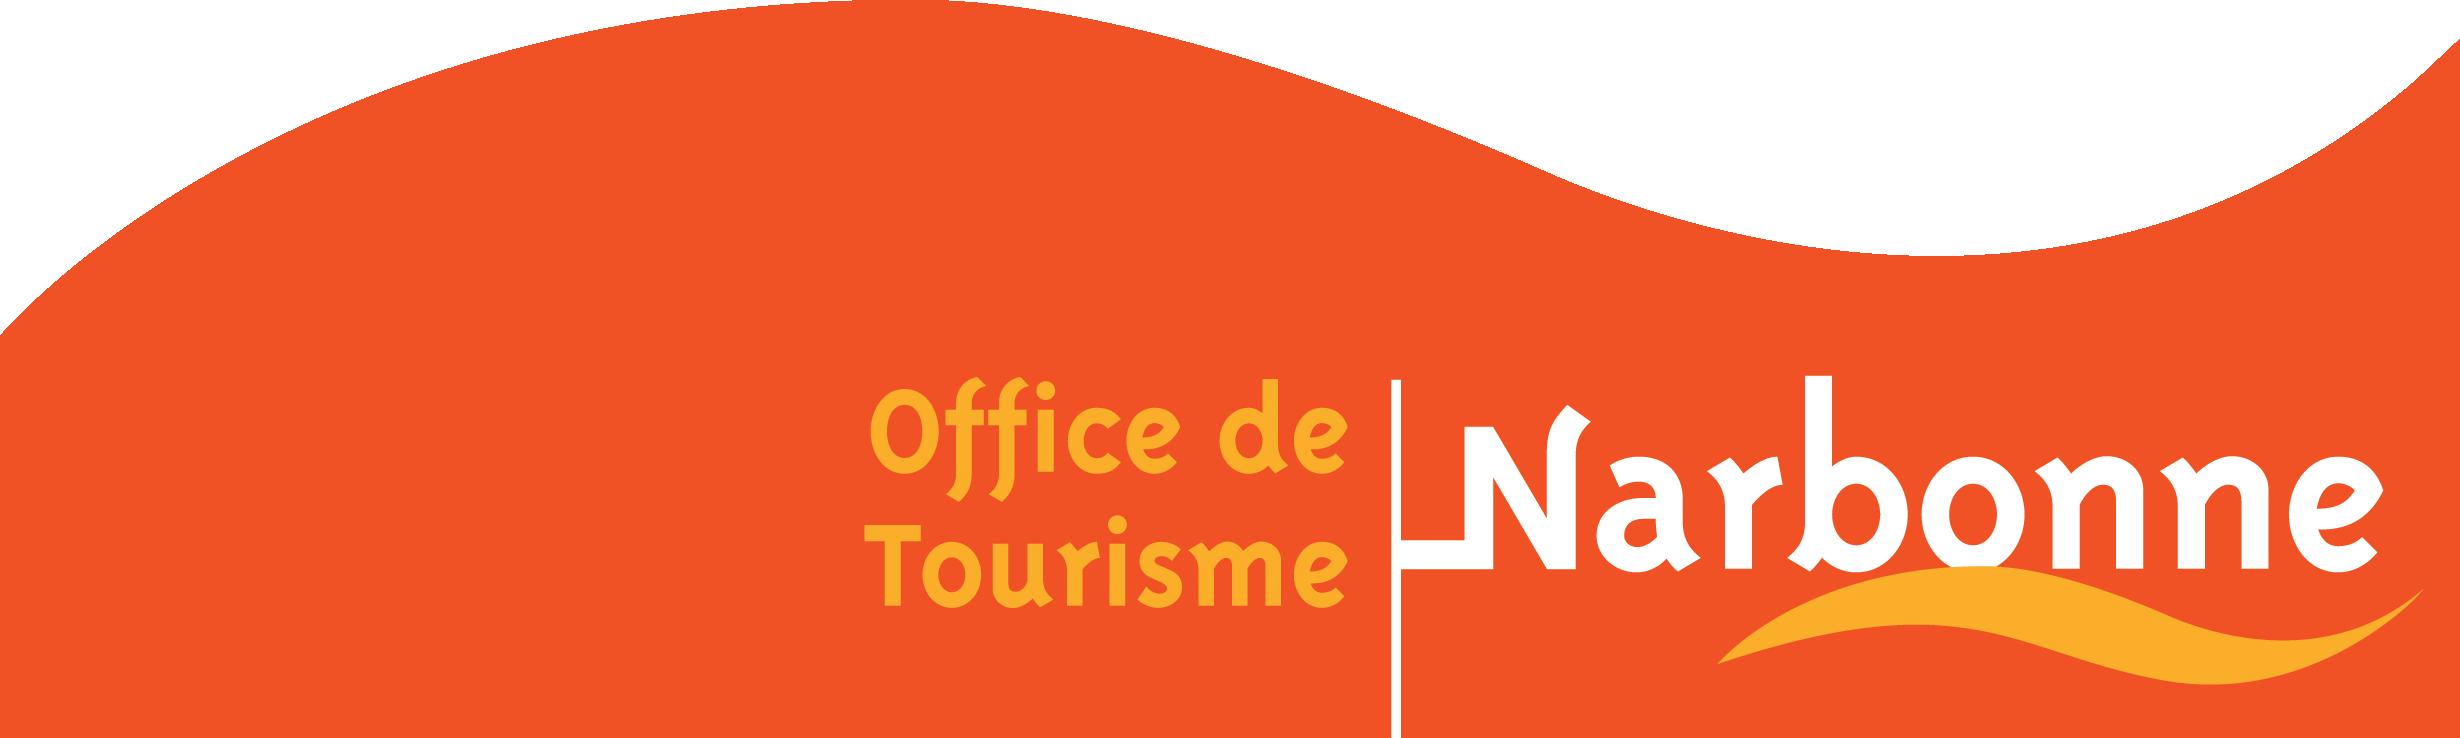 Narbonne - Narbonne office de tourisme ...